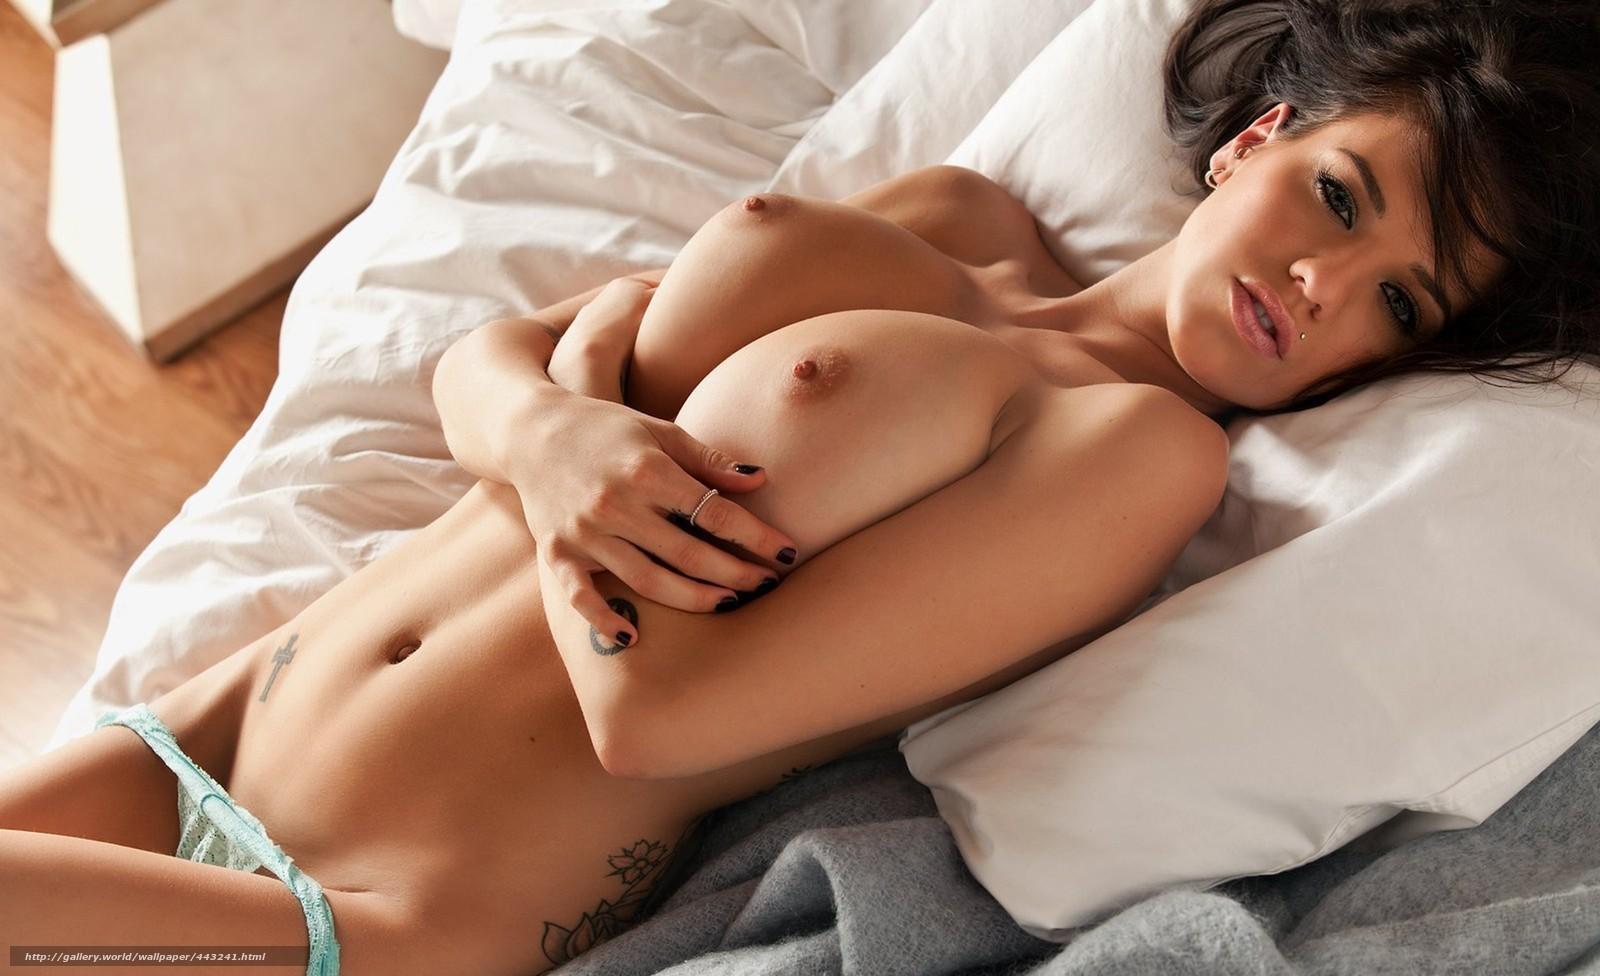 Юнные шатенки вступают в сексуальные отношения 4 фотография